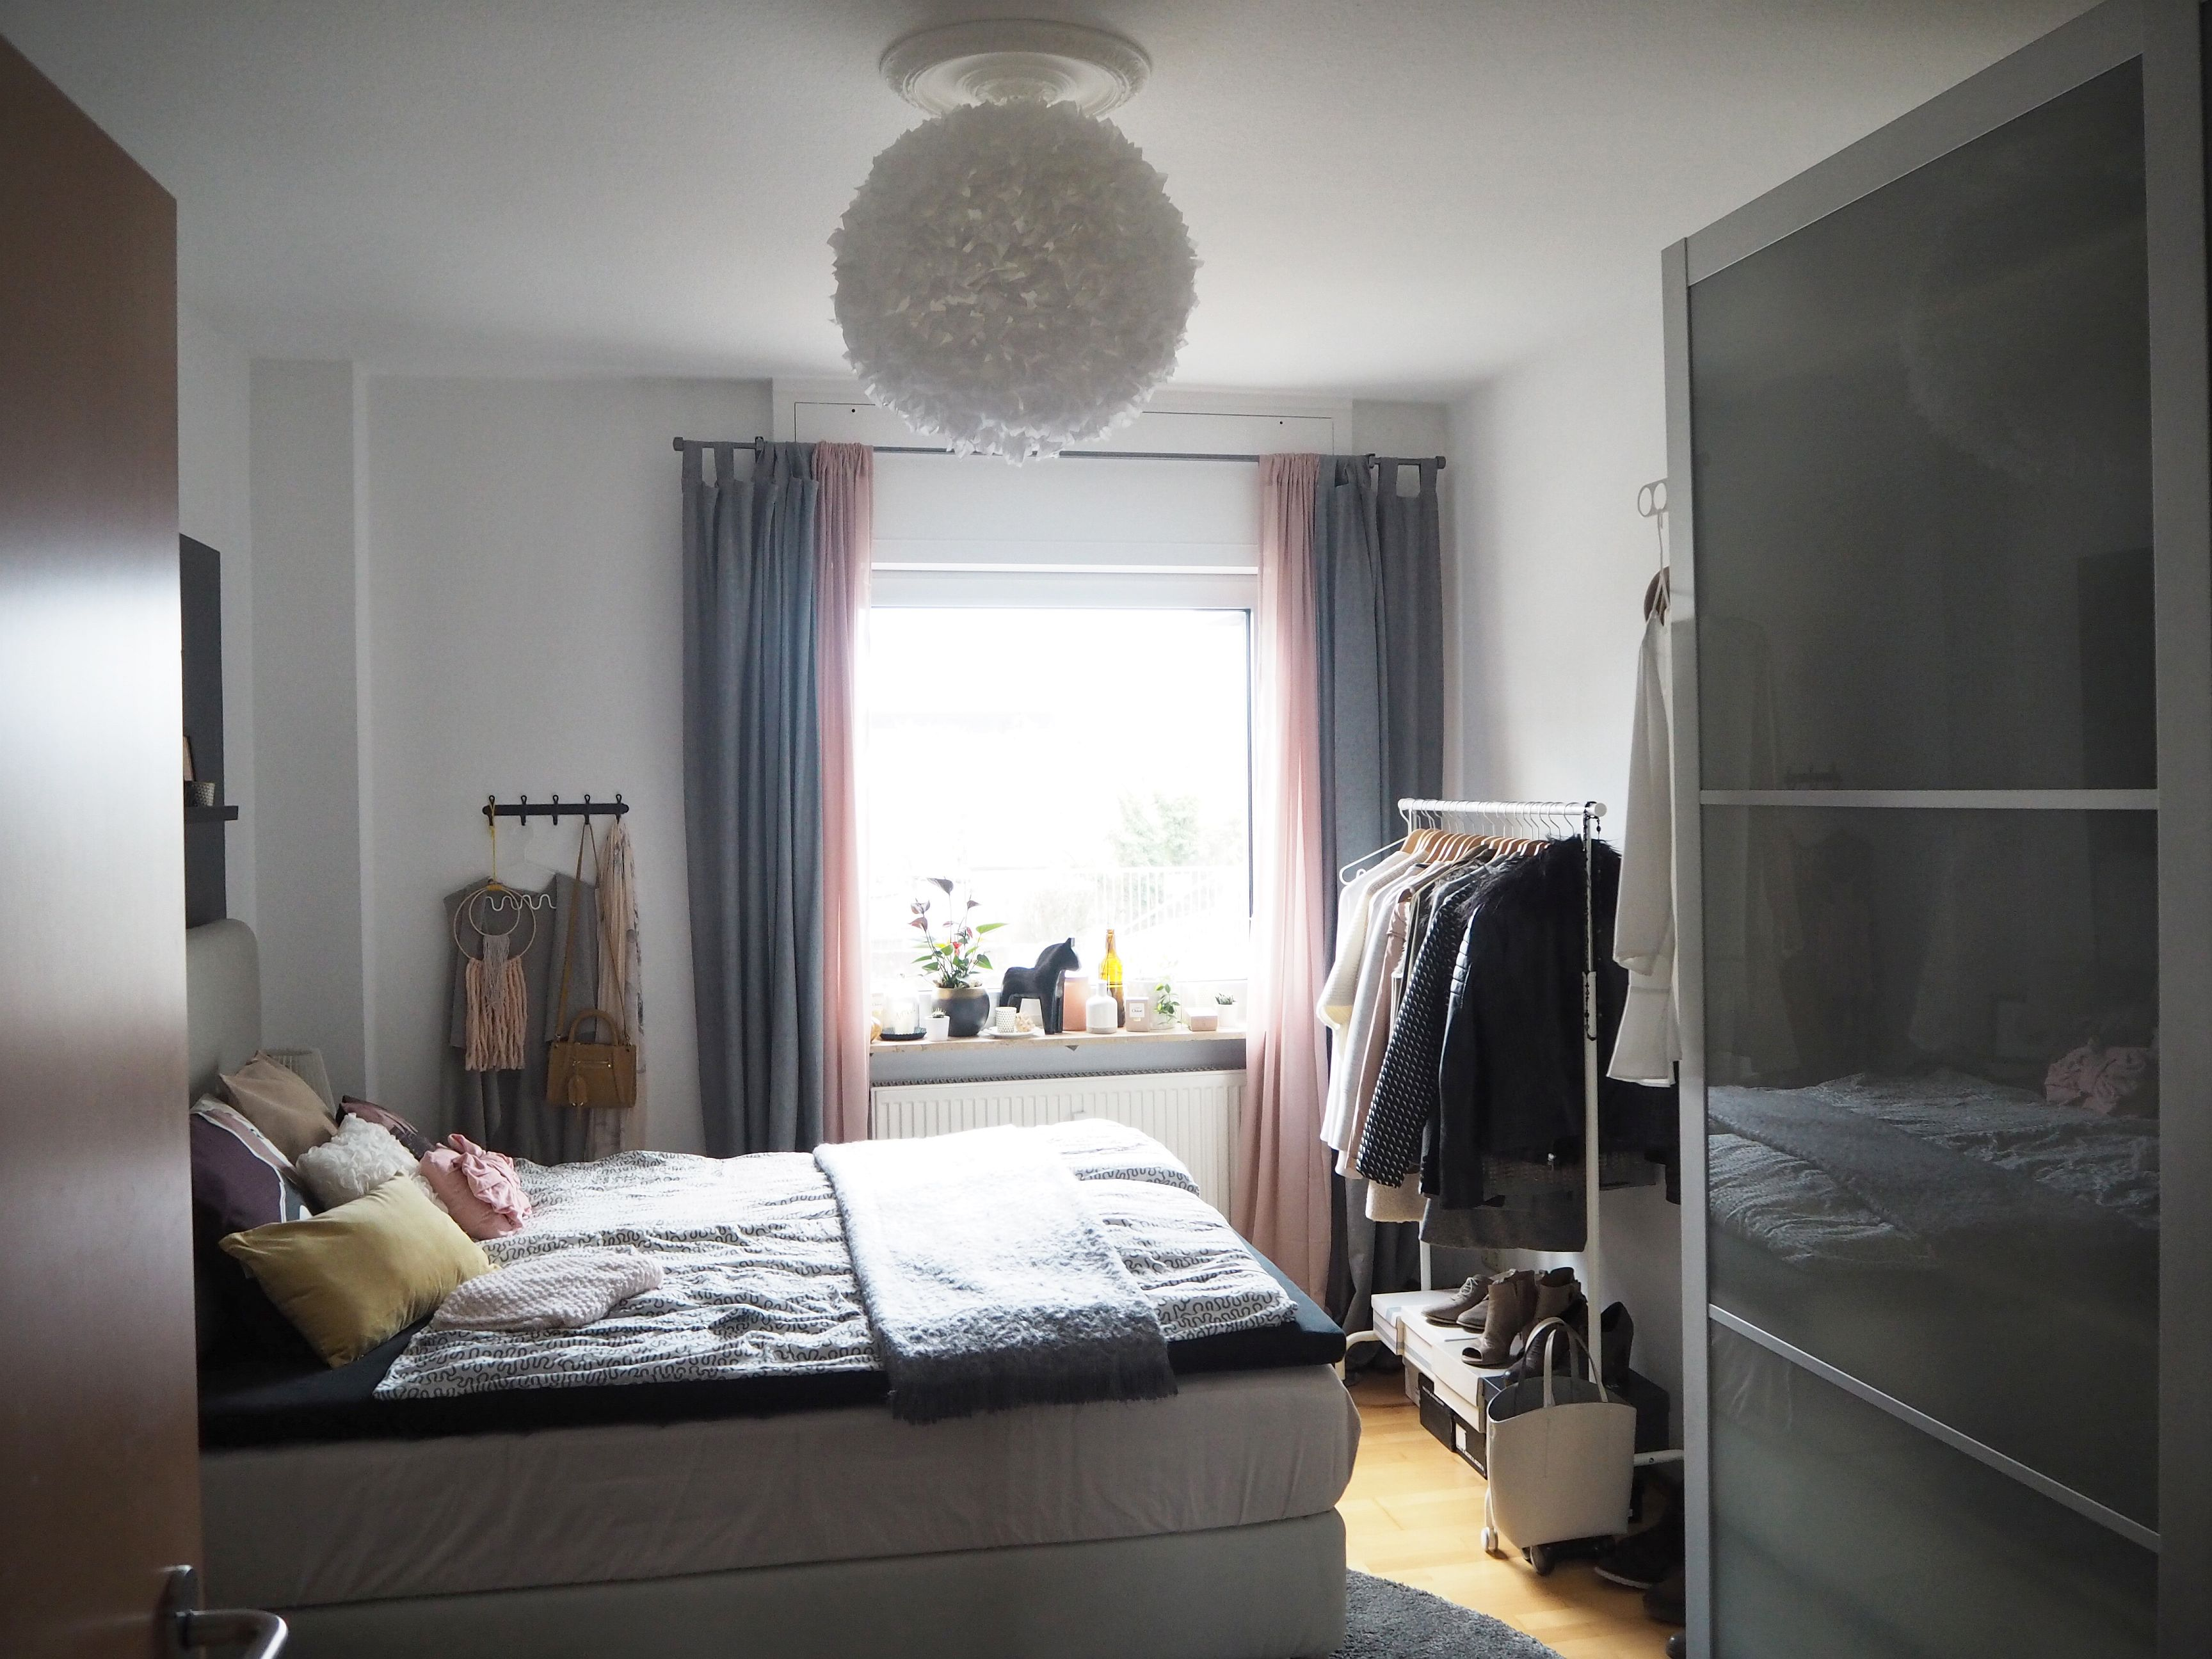 2018-04-skoen-och-kreativ-interior-farben-fuers-schlafzimmer-zartes-rose-und-gelb (1)